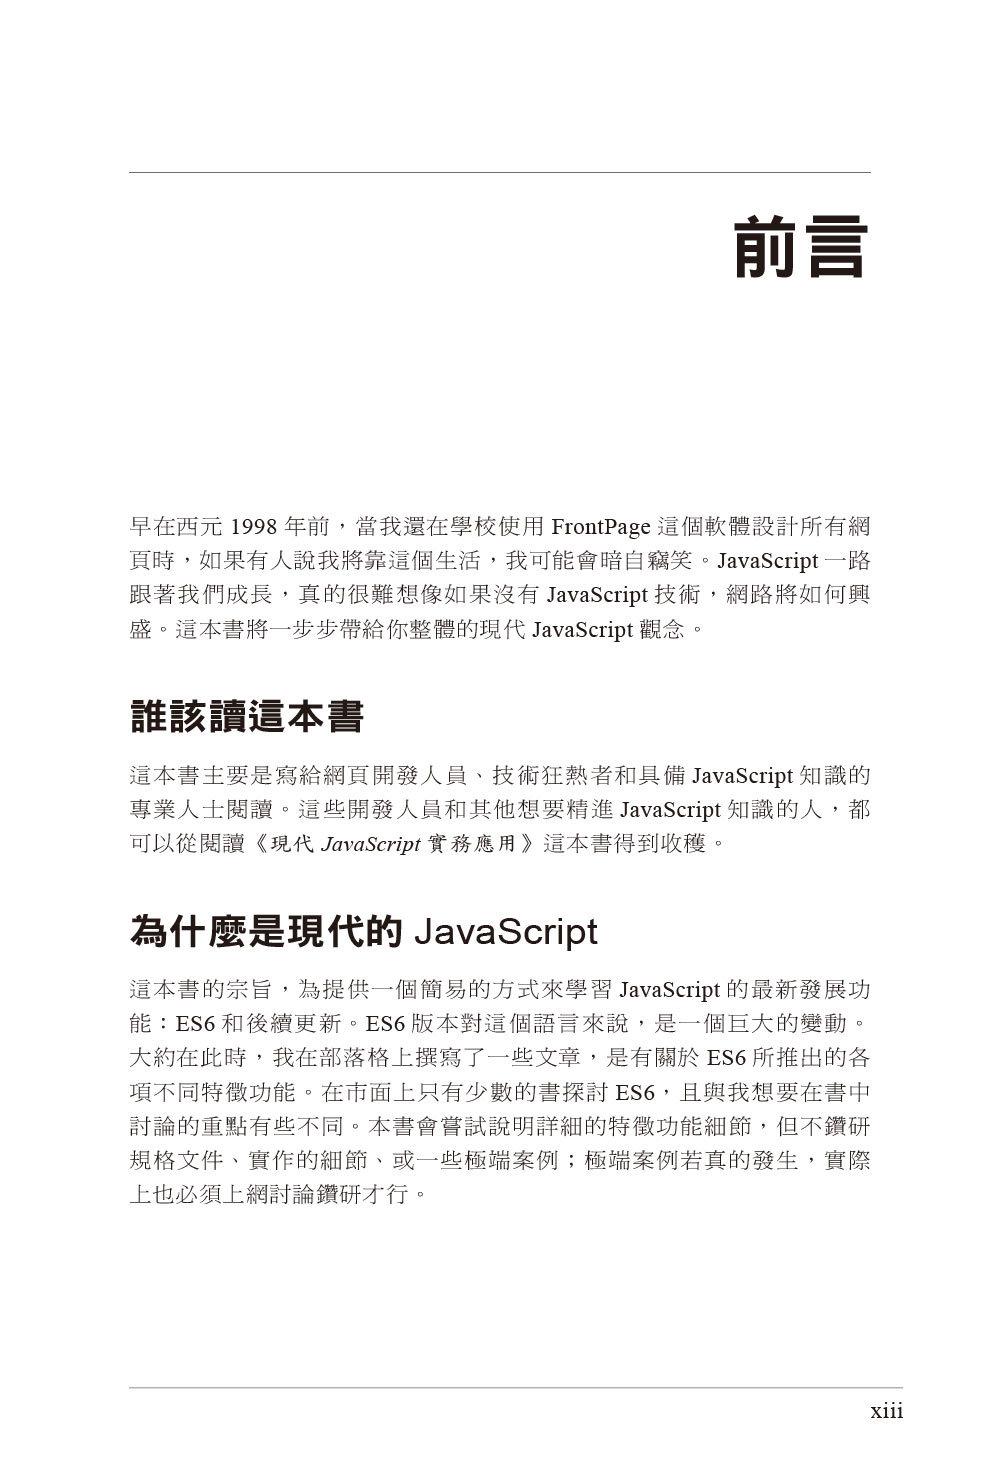 現代 JavaScript 實務應用 (Practical Modern JavaScript: Dive into ES6 and the future of JavaScript)-preview-3